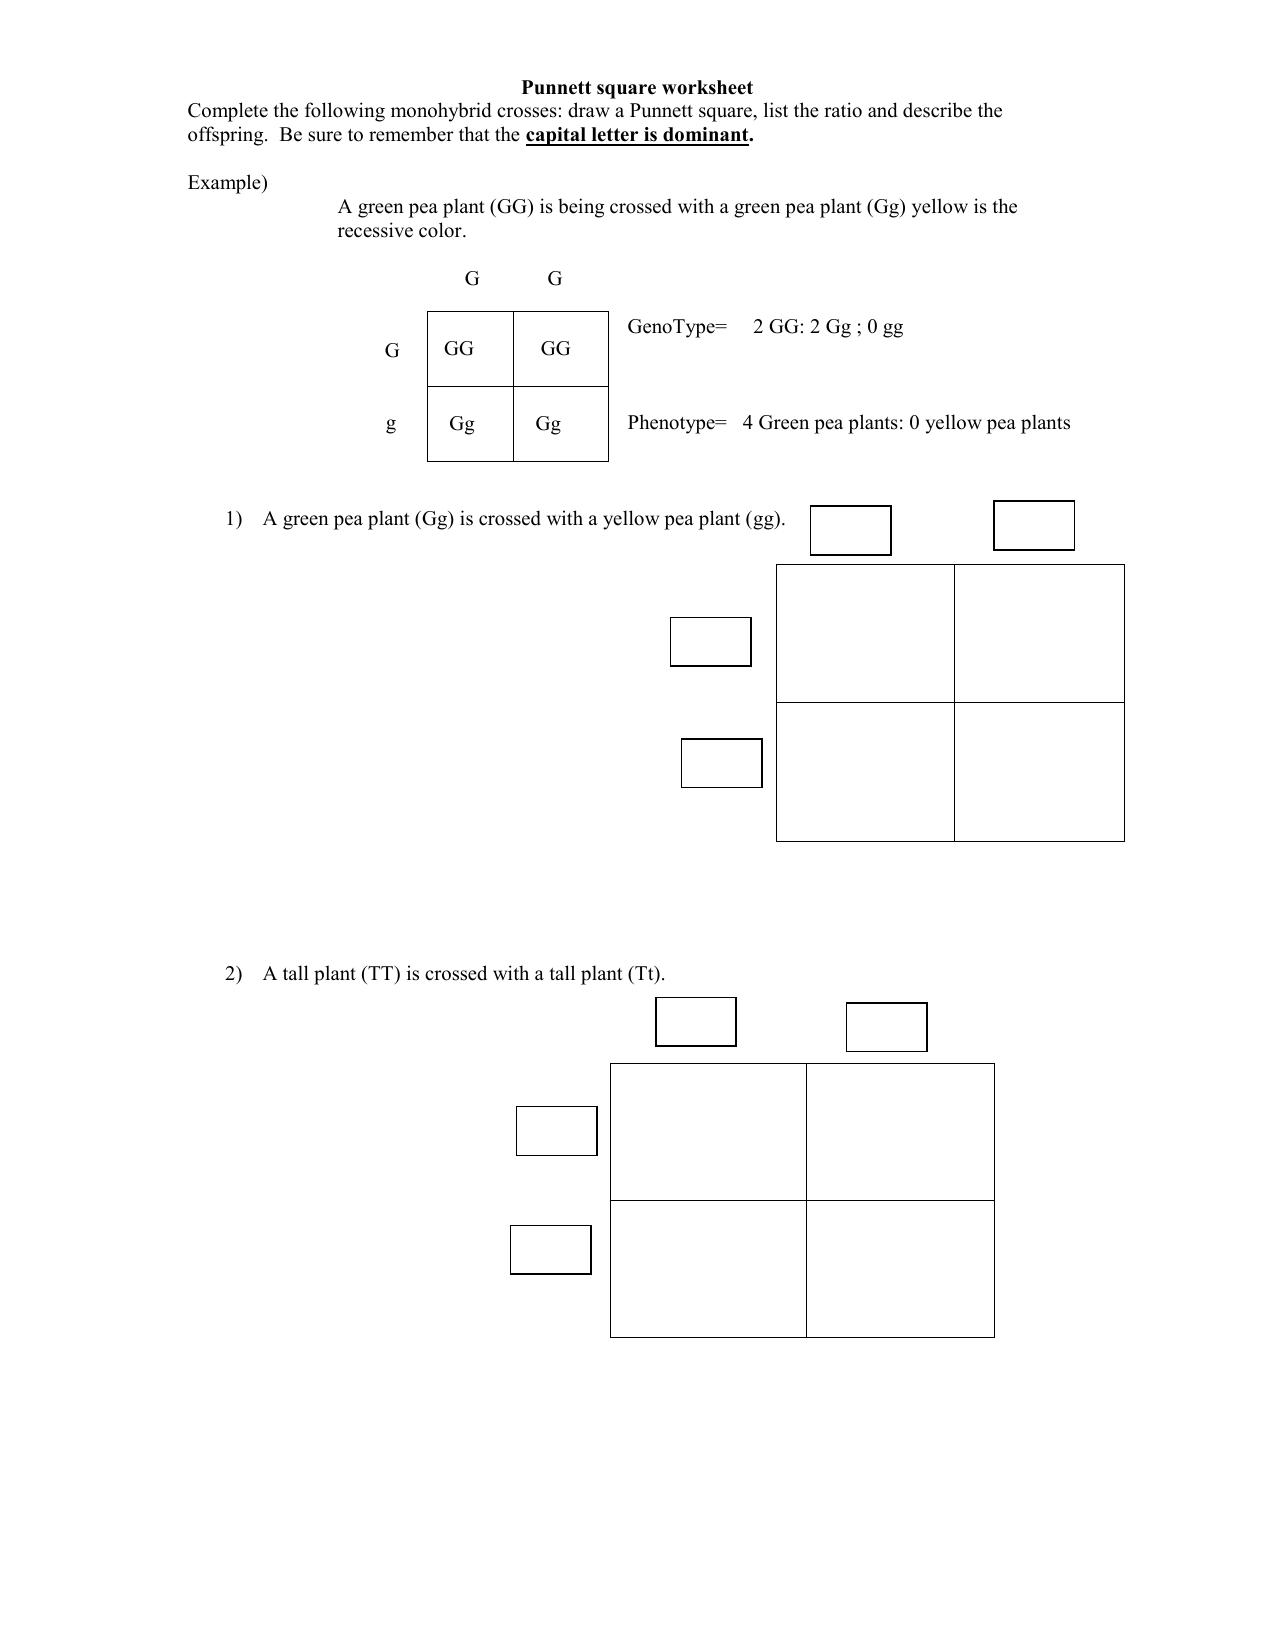 Punnettsquareworksheet1